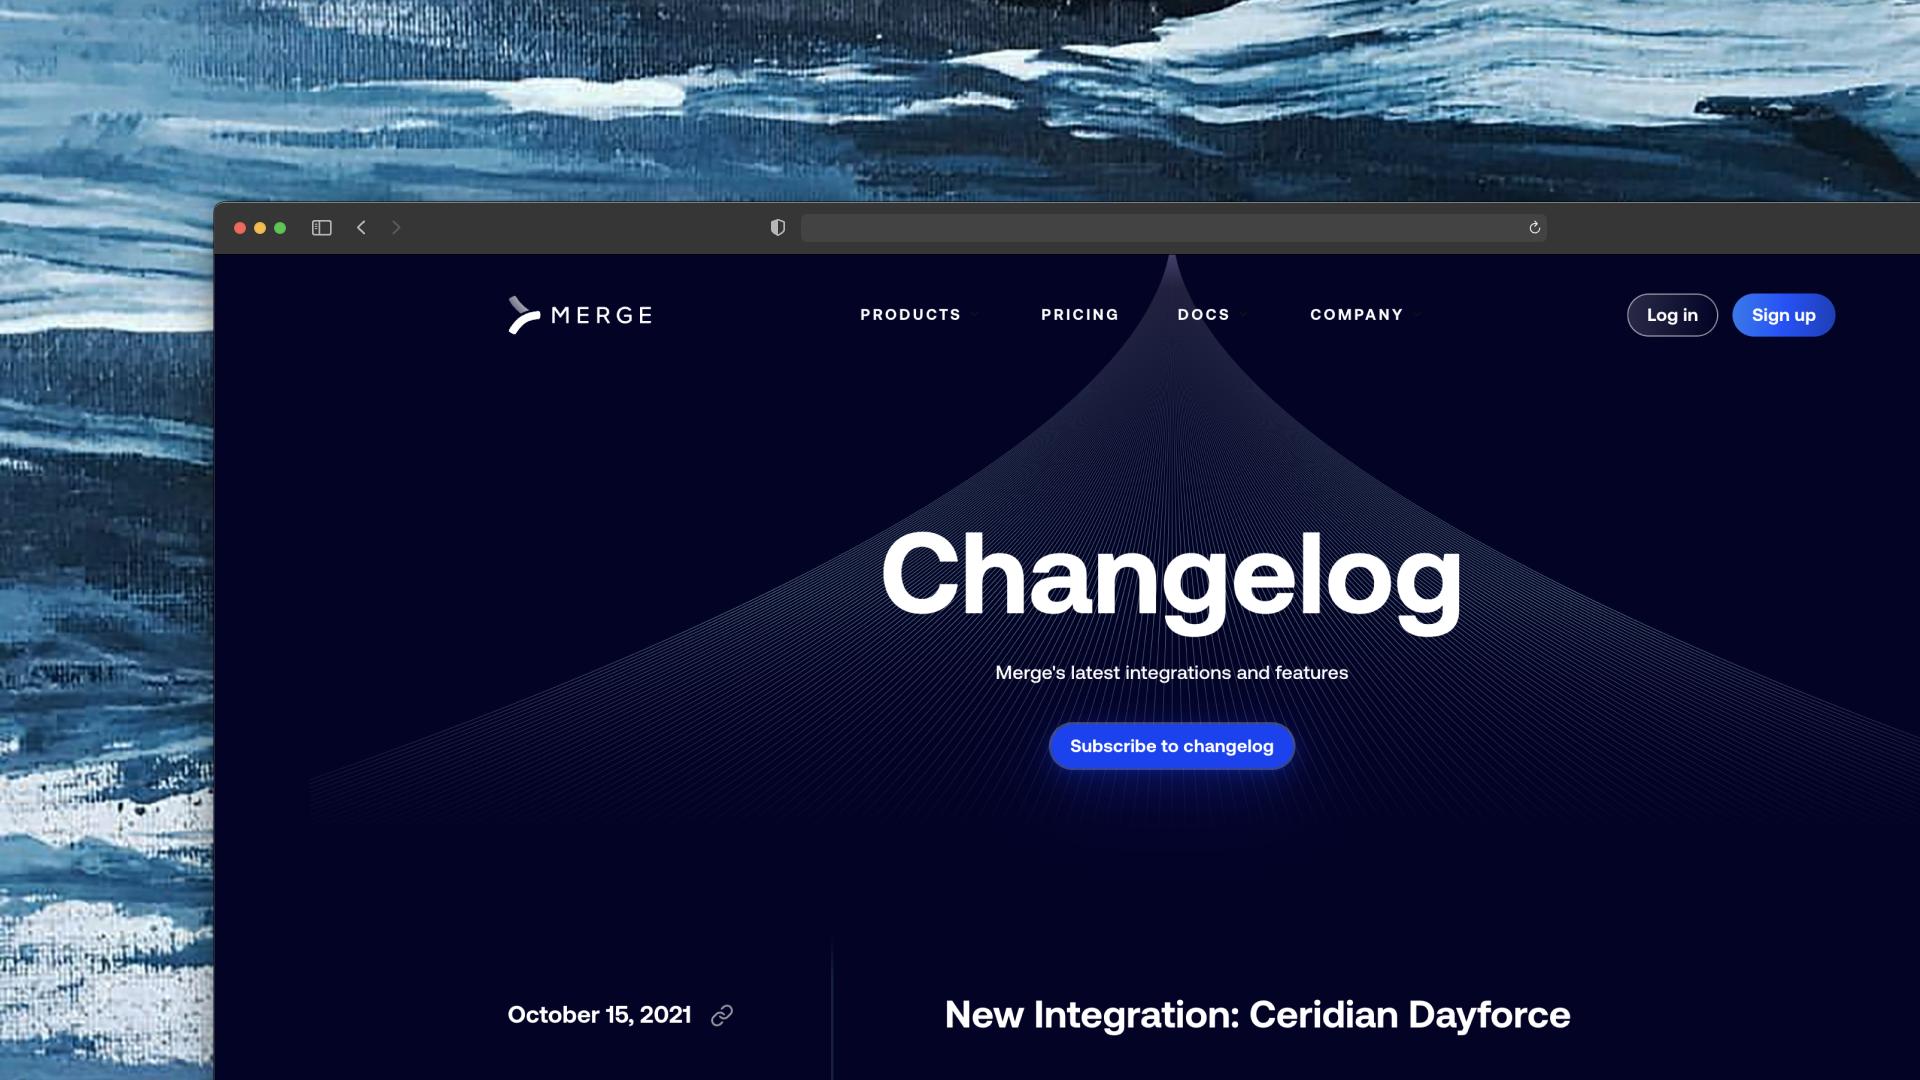 Merge changelog screenshot